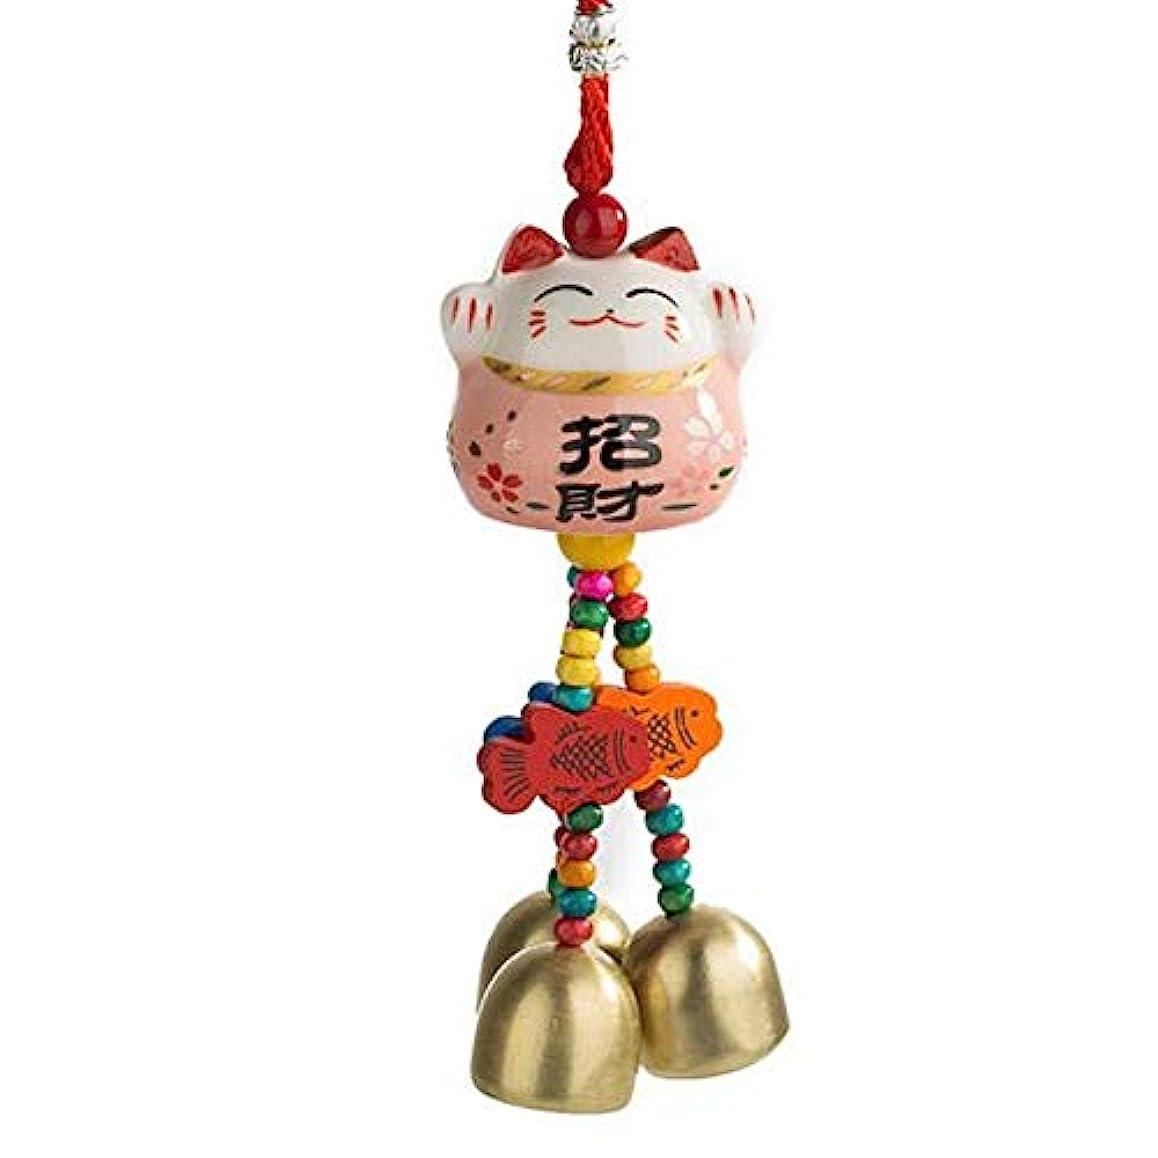 計算する部族複製するYougou01 風チャイム、かわいいクリエイティブセラミック猫風の鐘、赤、長い28センチメートル 、創造的な装飾 (Color : Pink)